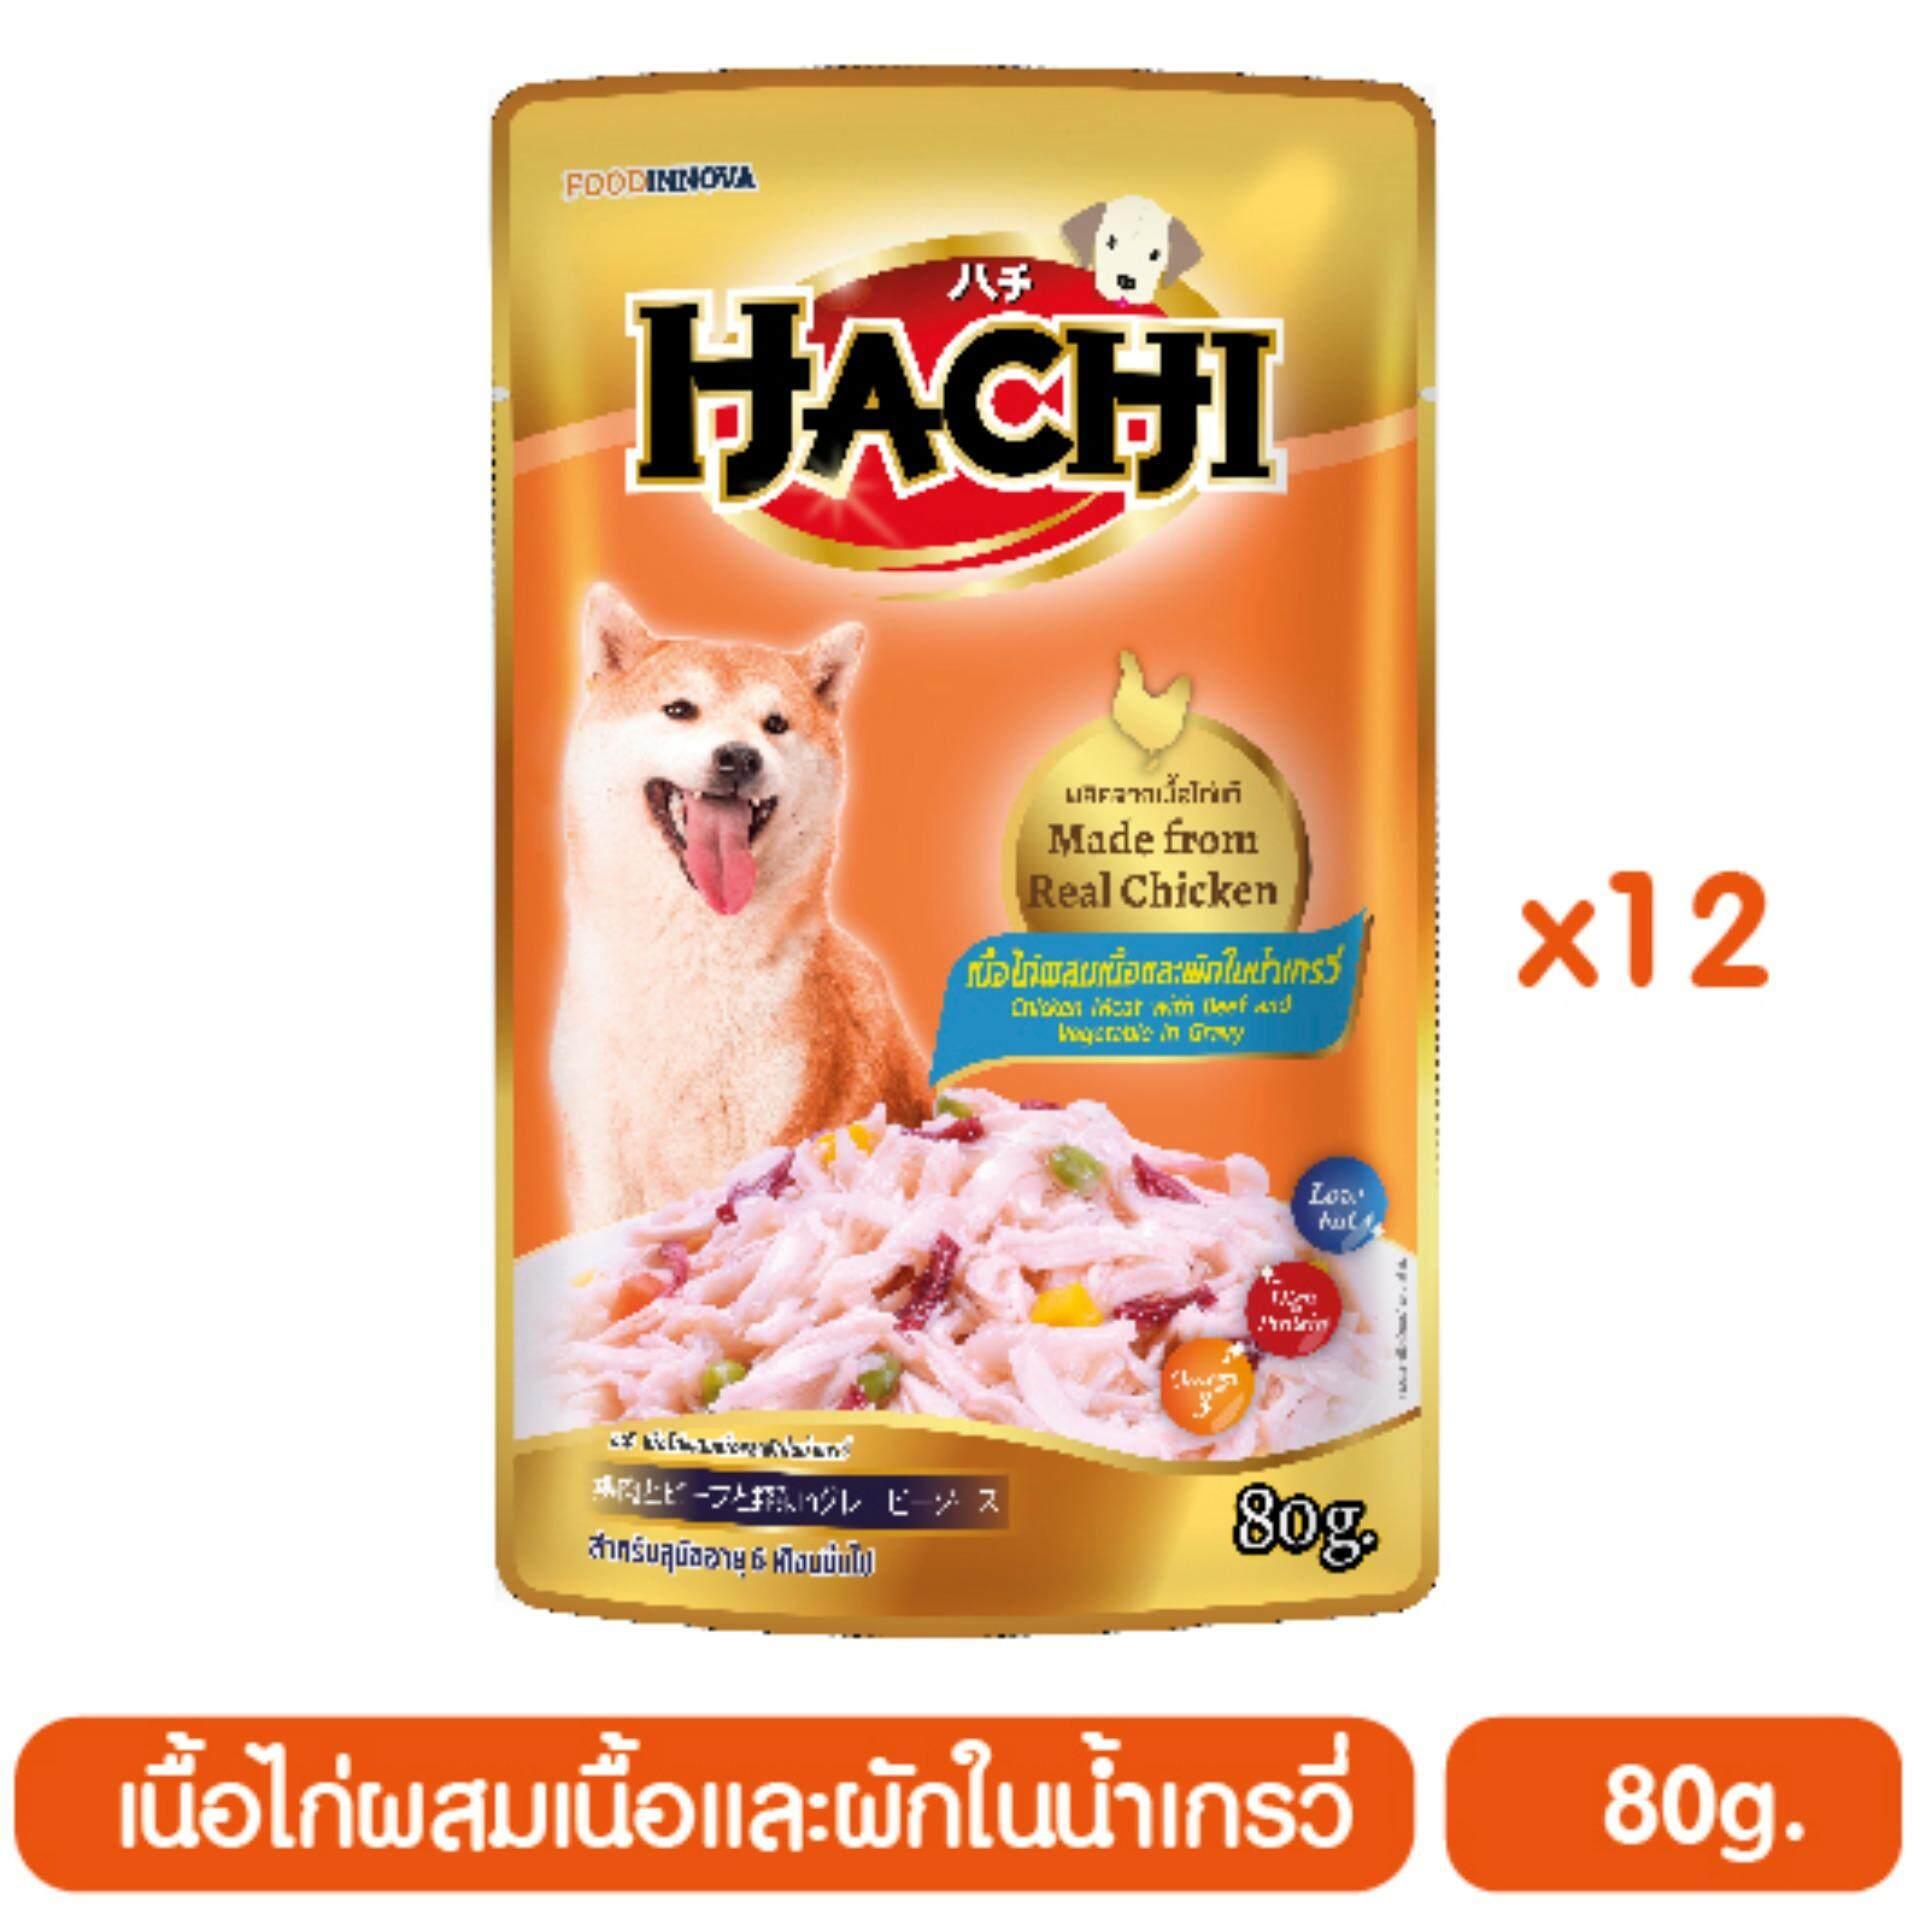 ซื้อ Hachi ฮะจิ เนื้อไก่ผสมเนื้อและผักในน้ำเกรวี่ 80 G X 12 ซอง